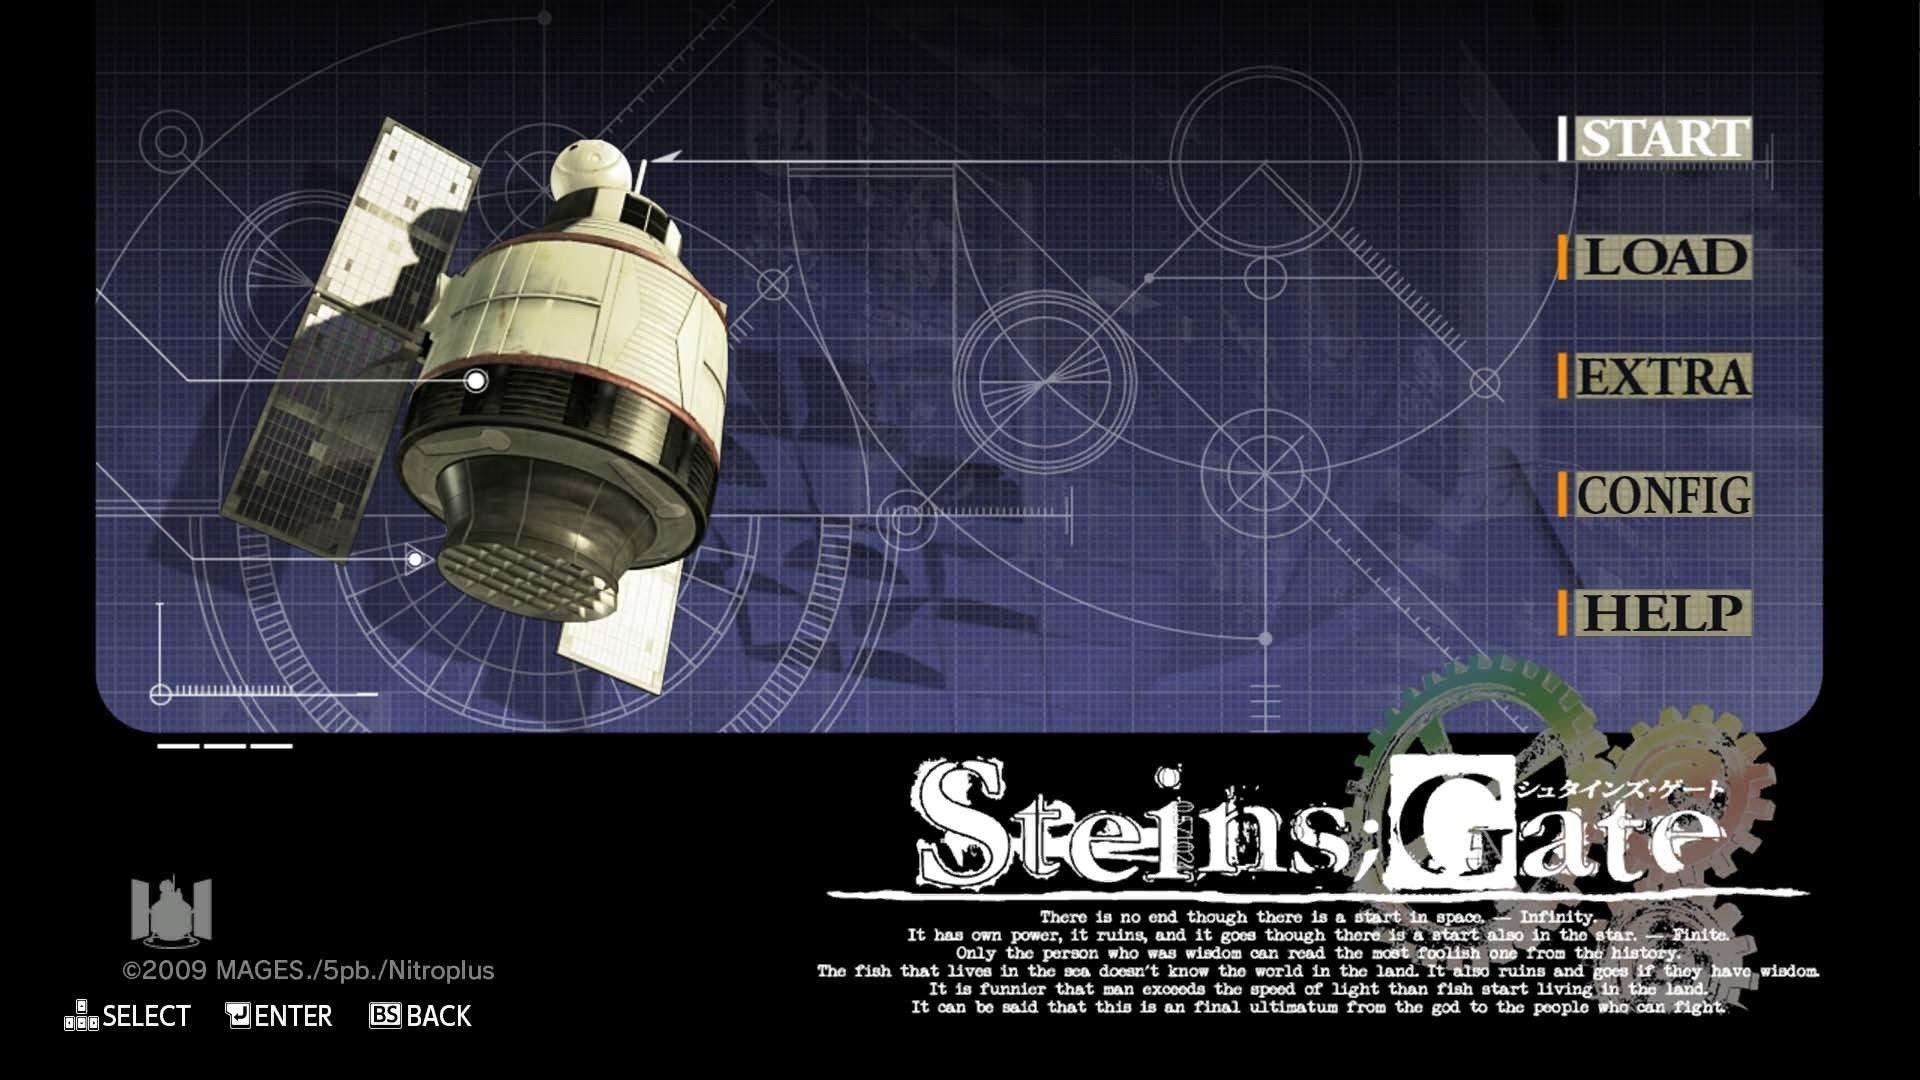 是Steam遊戲特價快訊:《STEINS;GATE》現在特價268元 便宜402元這篇文章的首圖